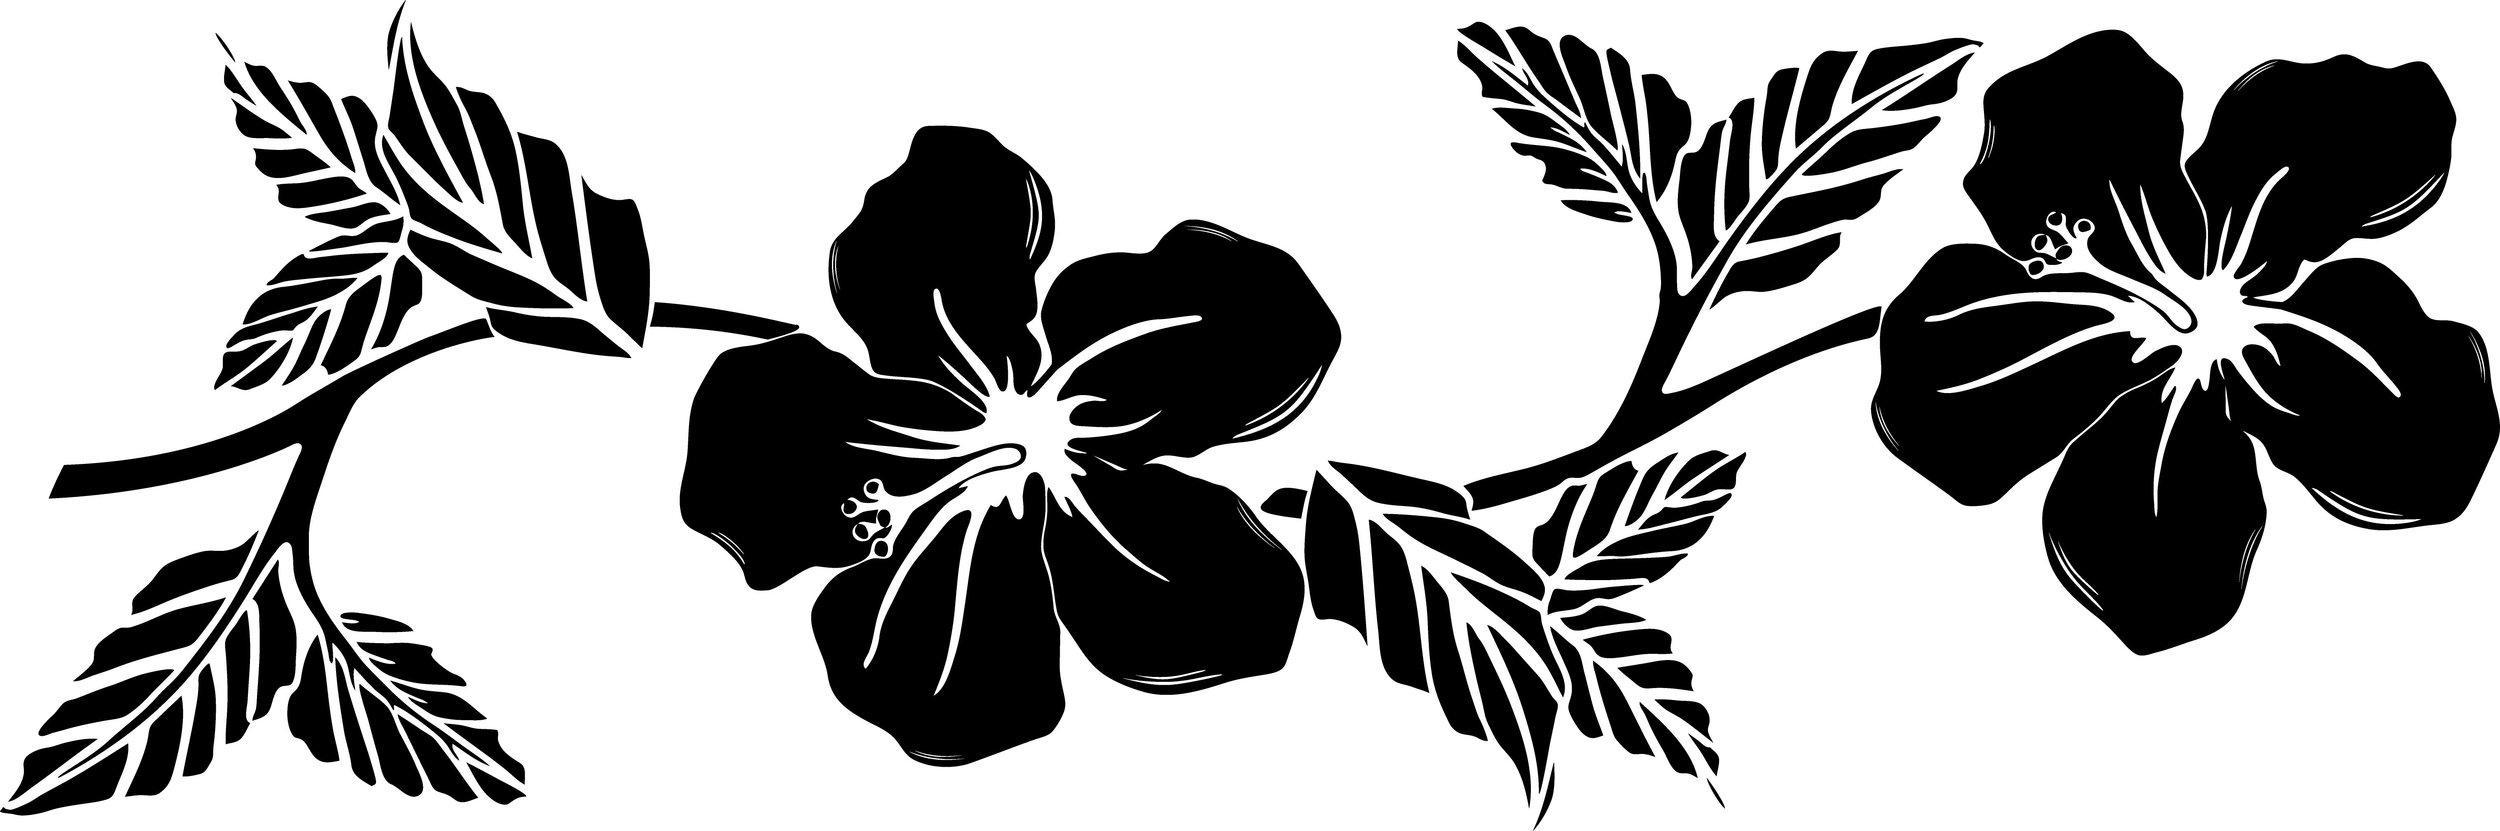 aloha waikiki.jpg